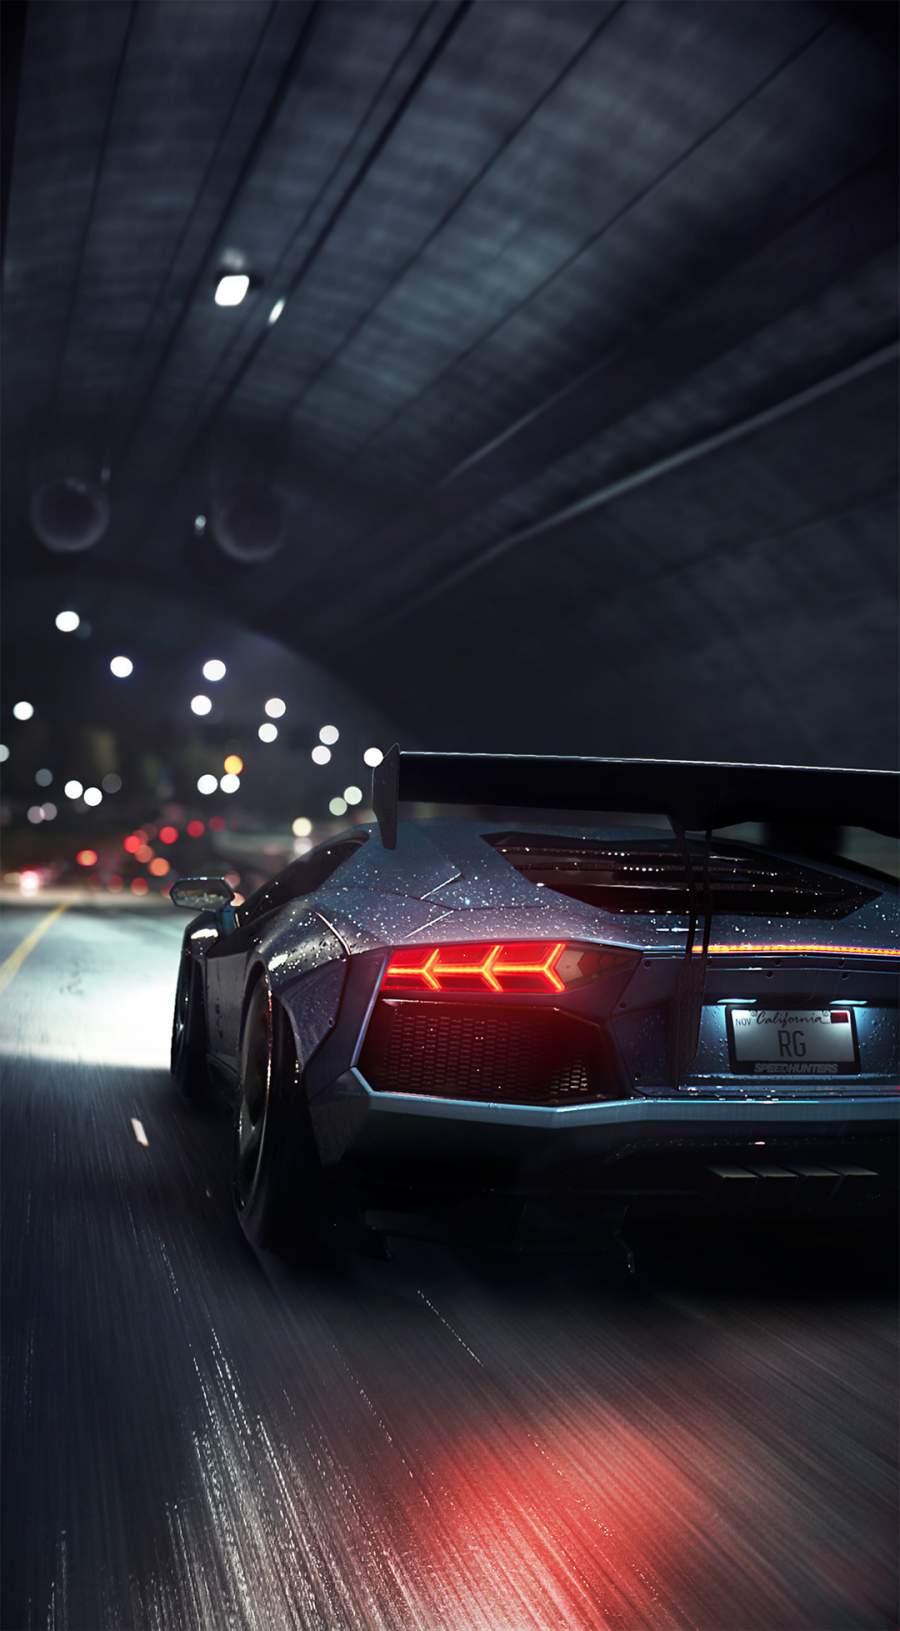 Lamborghini Night Ride iPhone Wallpaper